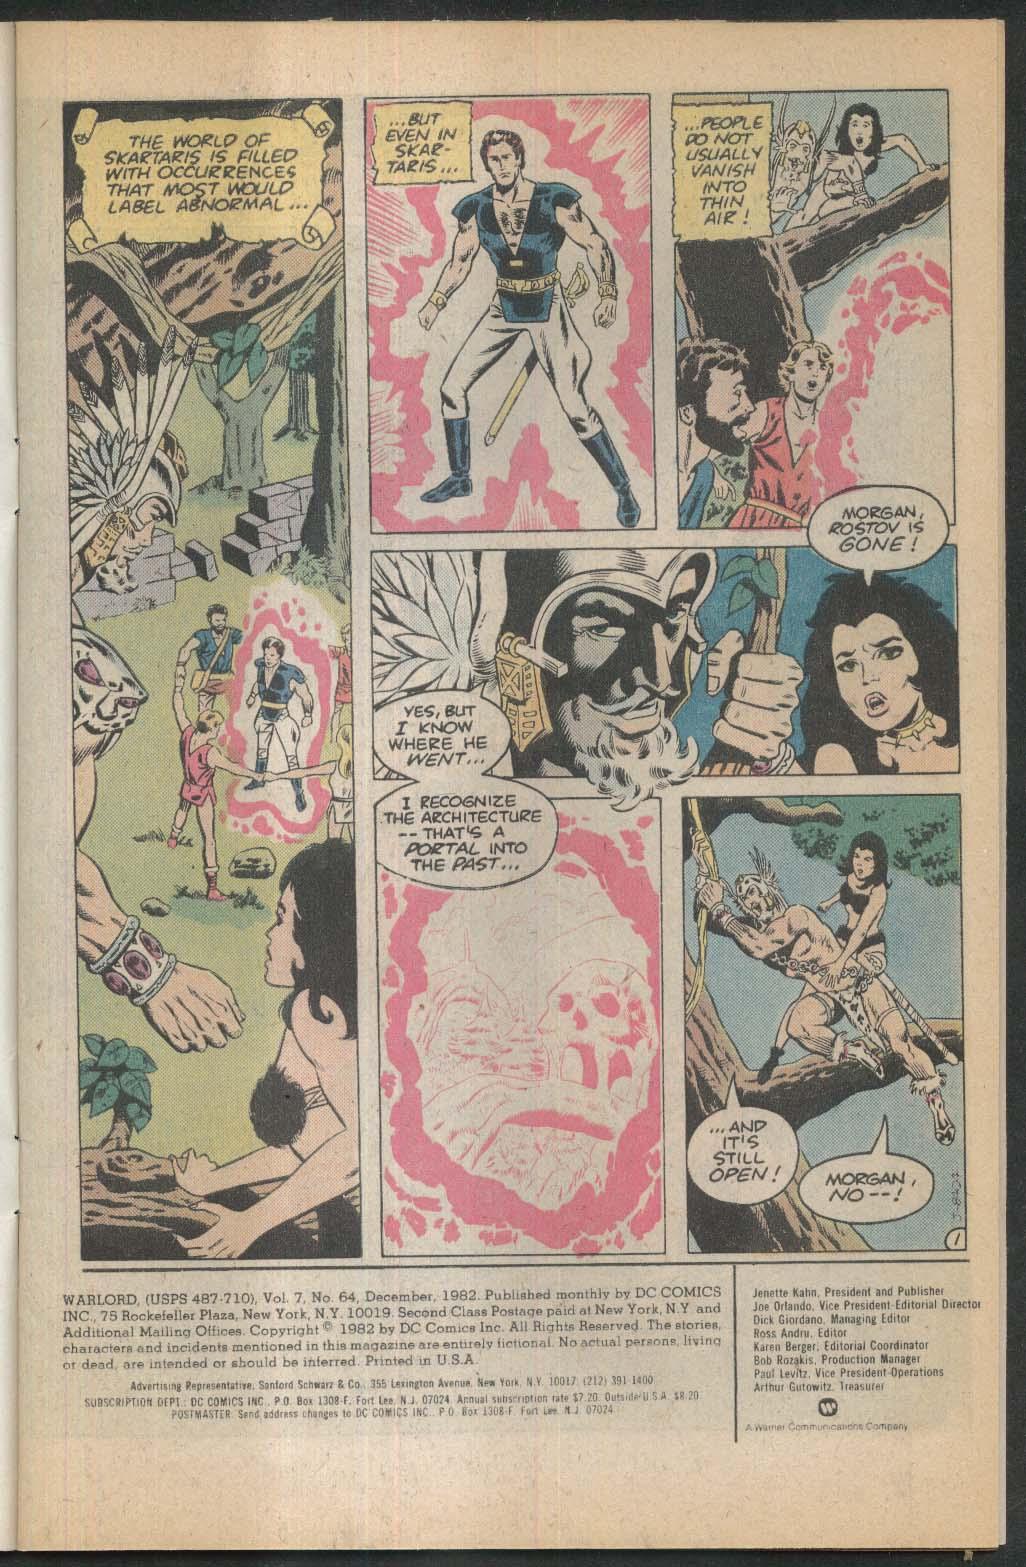 WARLORD #64 DC comic book 12 1982